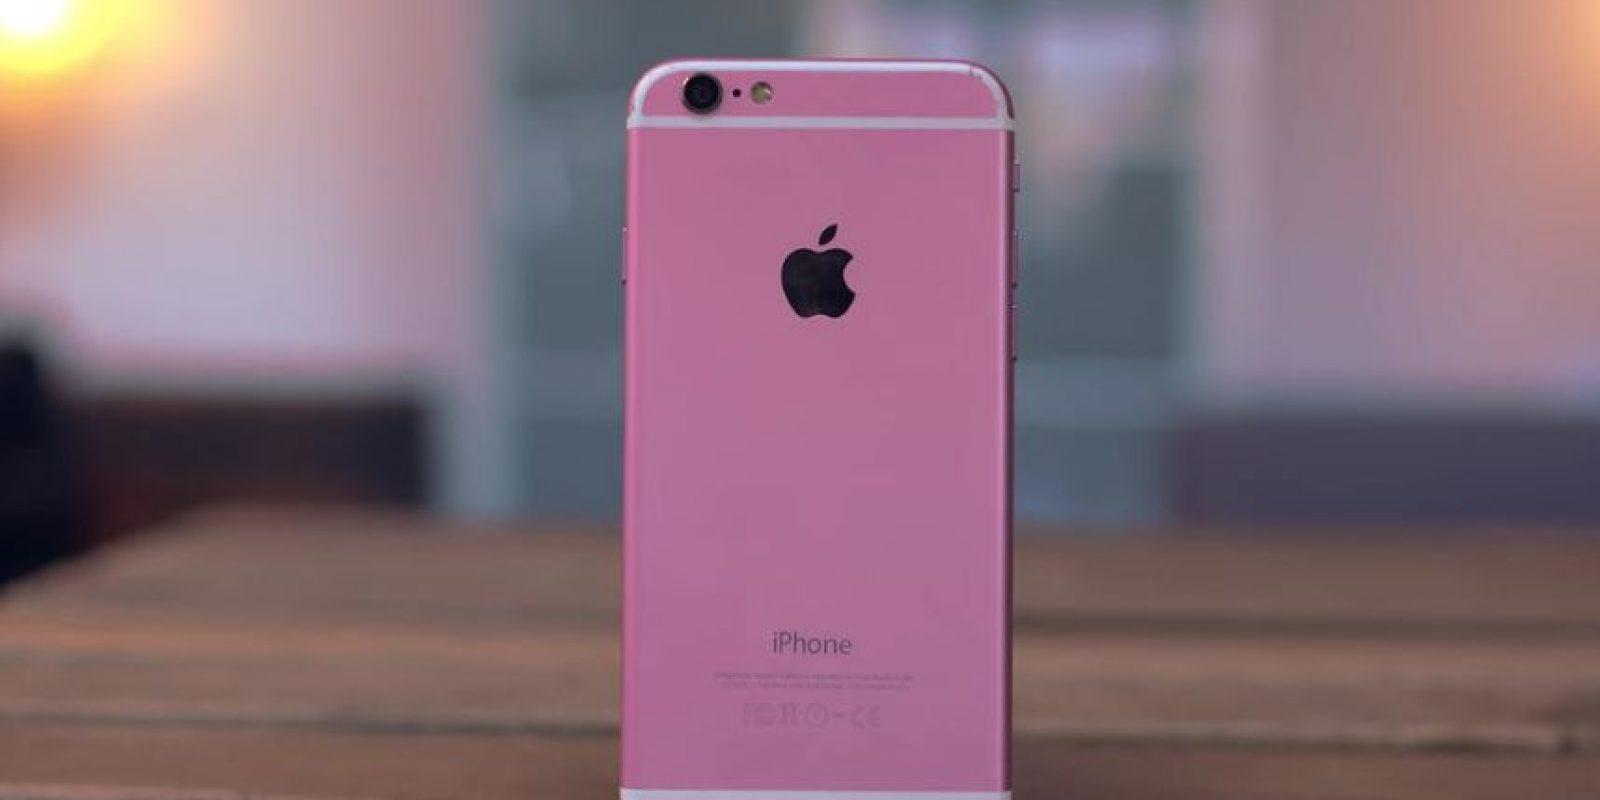 """El color rosa es más fuerte y le falta la letra """"S"""" distintiva del modelo.. Foto:Jonathan Morrison / YouTube"""